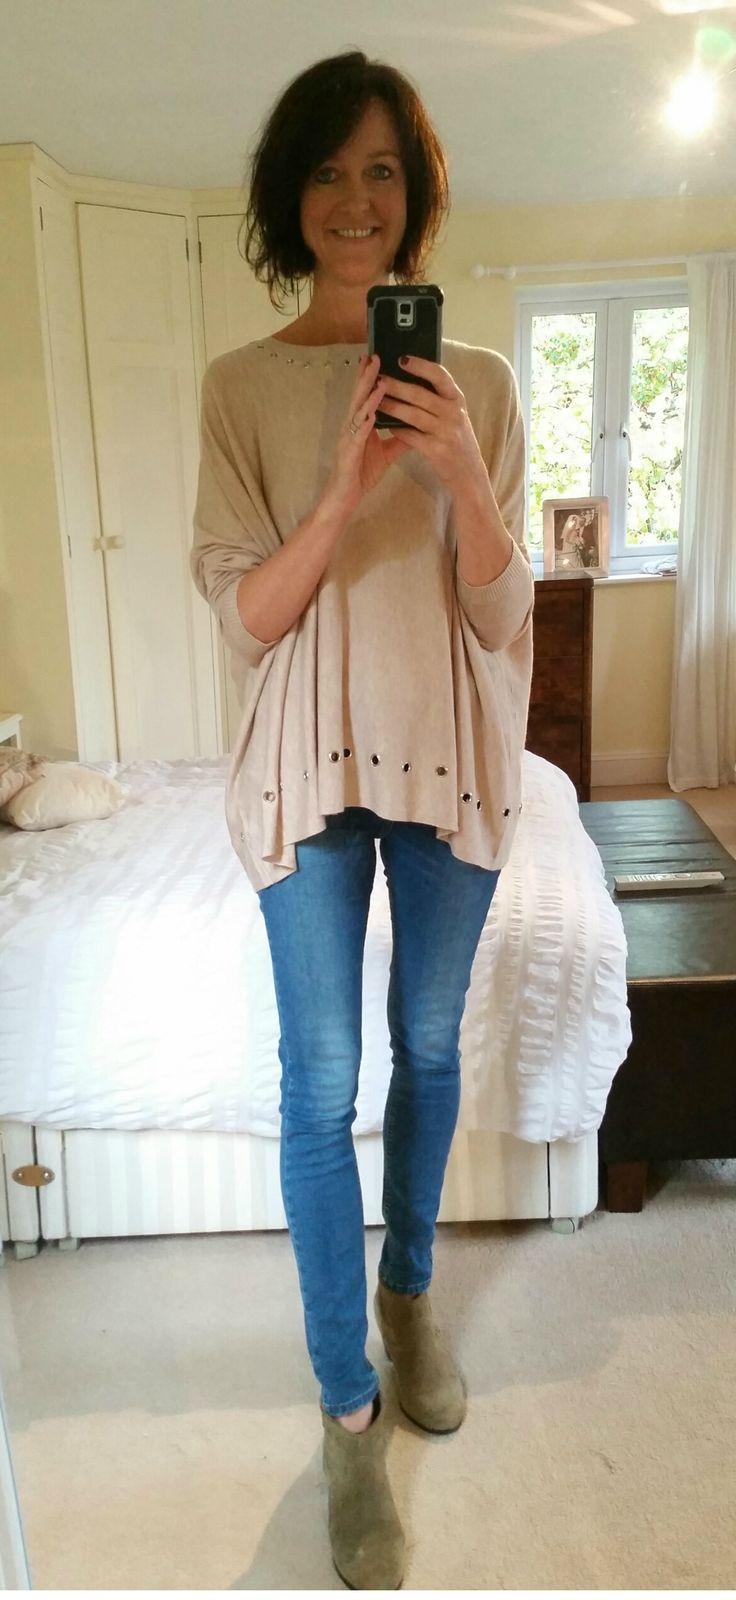 Oversized cream jumper. Buy here in many colours: http://bit.ly/20tm5pT